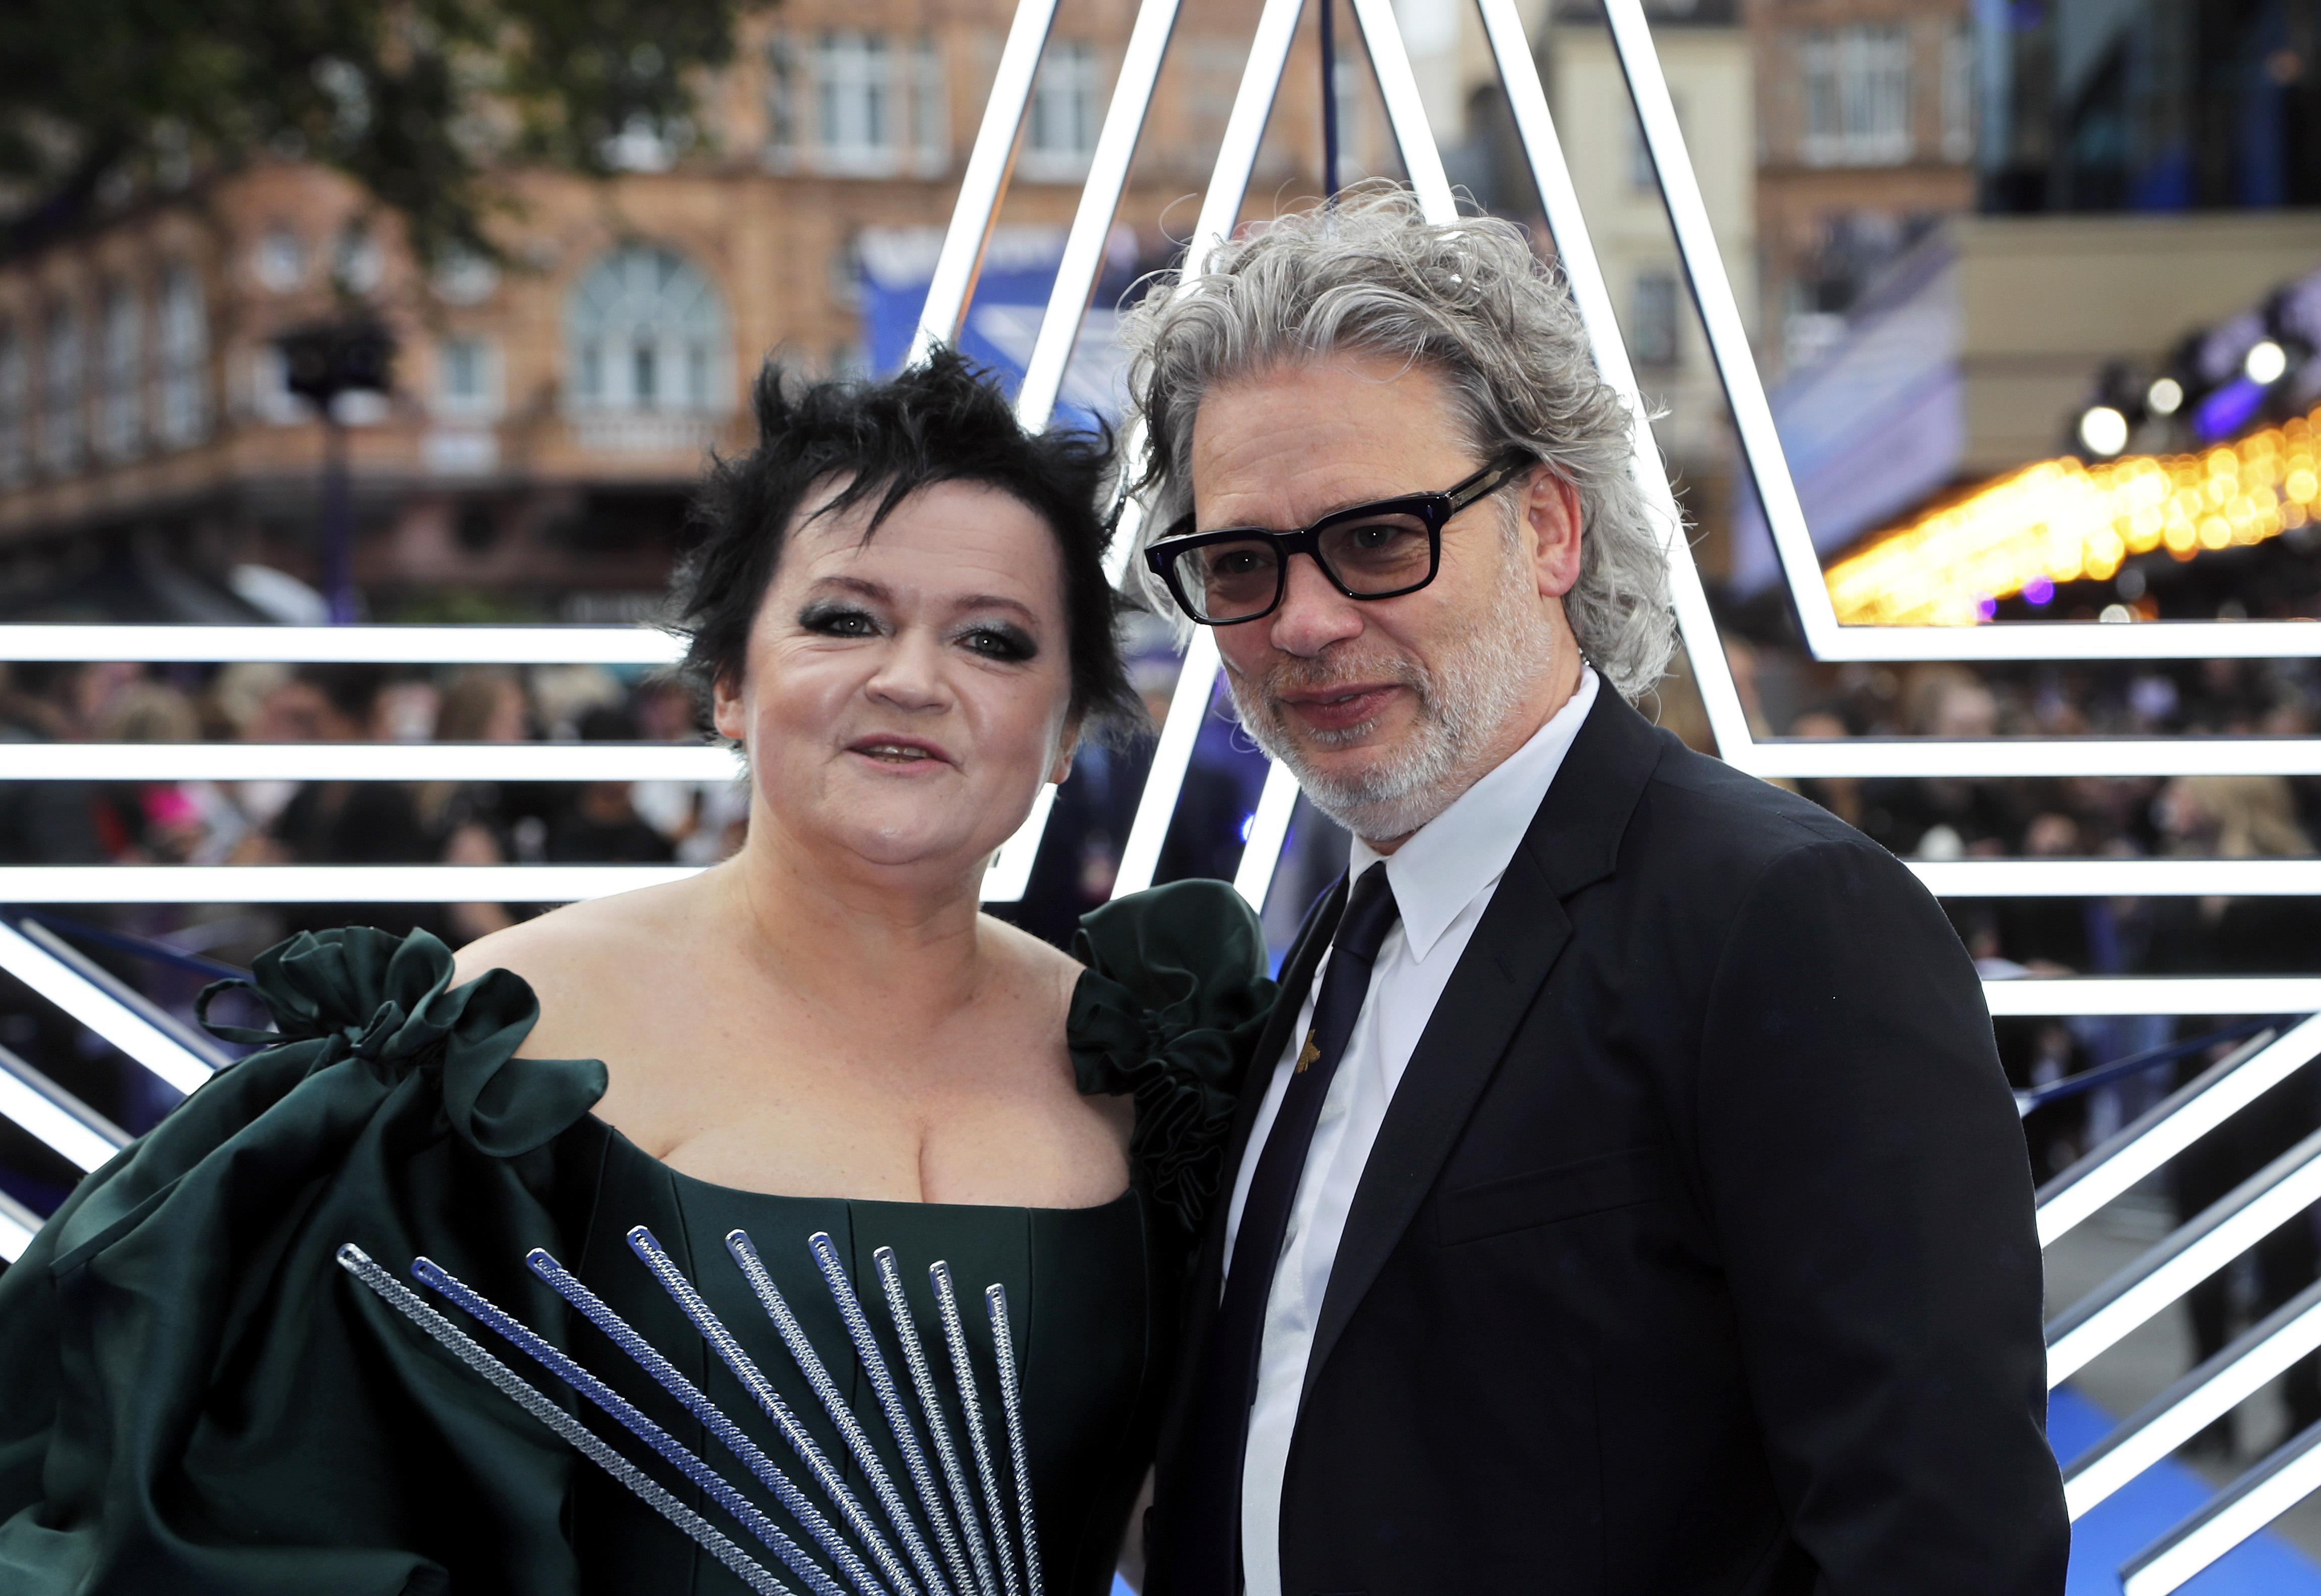 El director Dexter Fletcher y su esposa Dalia Ibelhauptaite. (AP Photo/Frank Augstein)